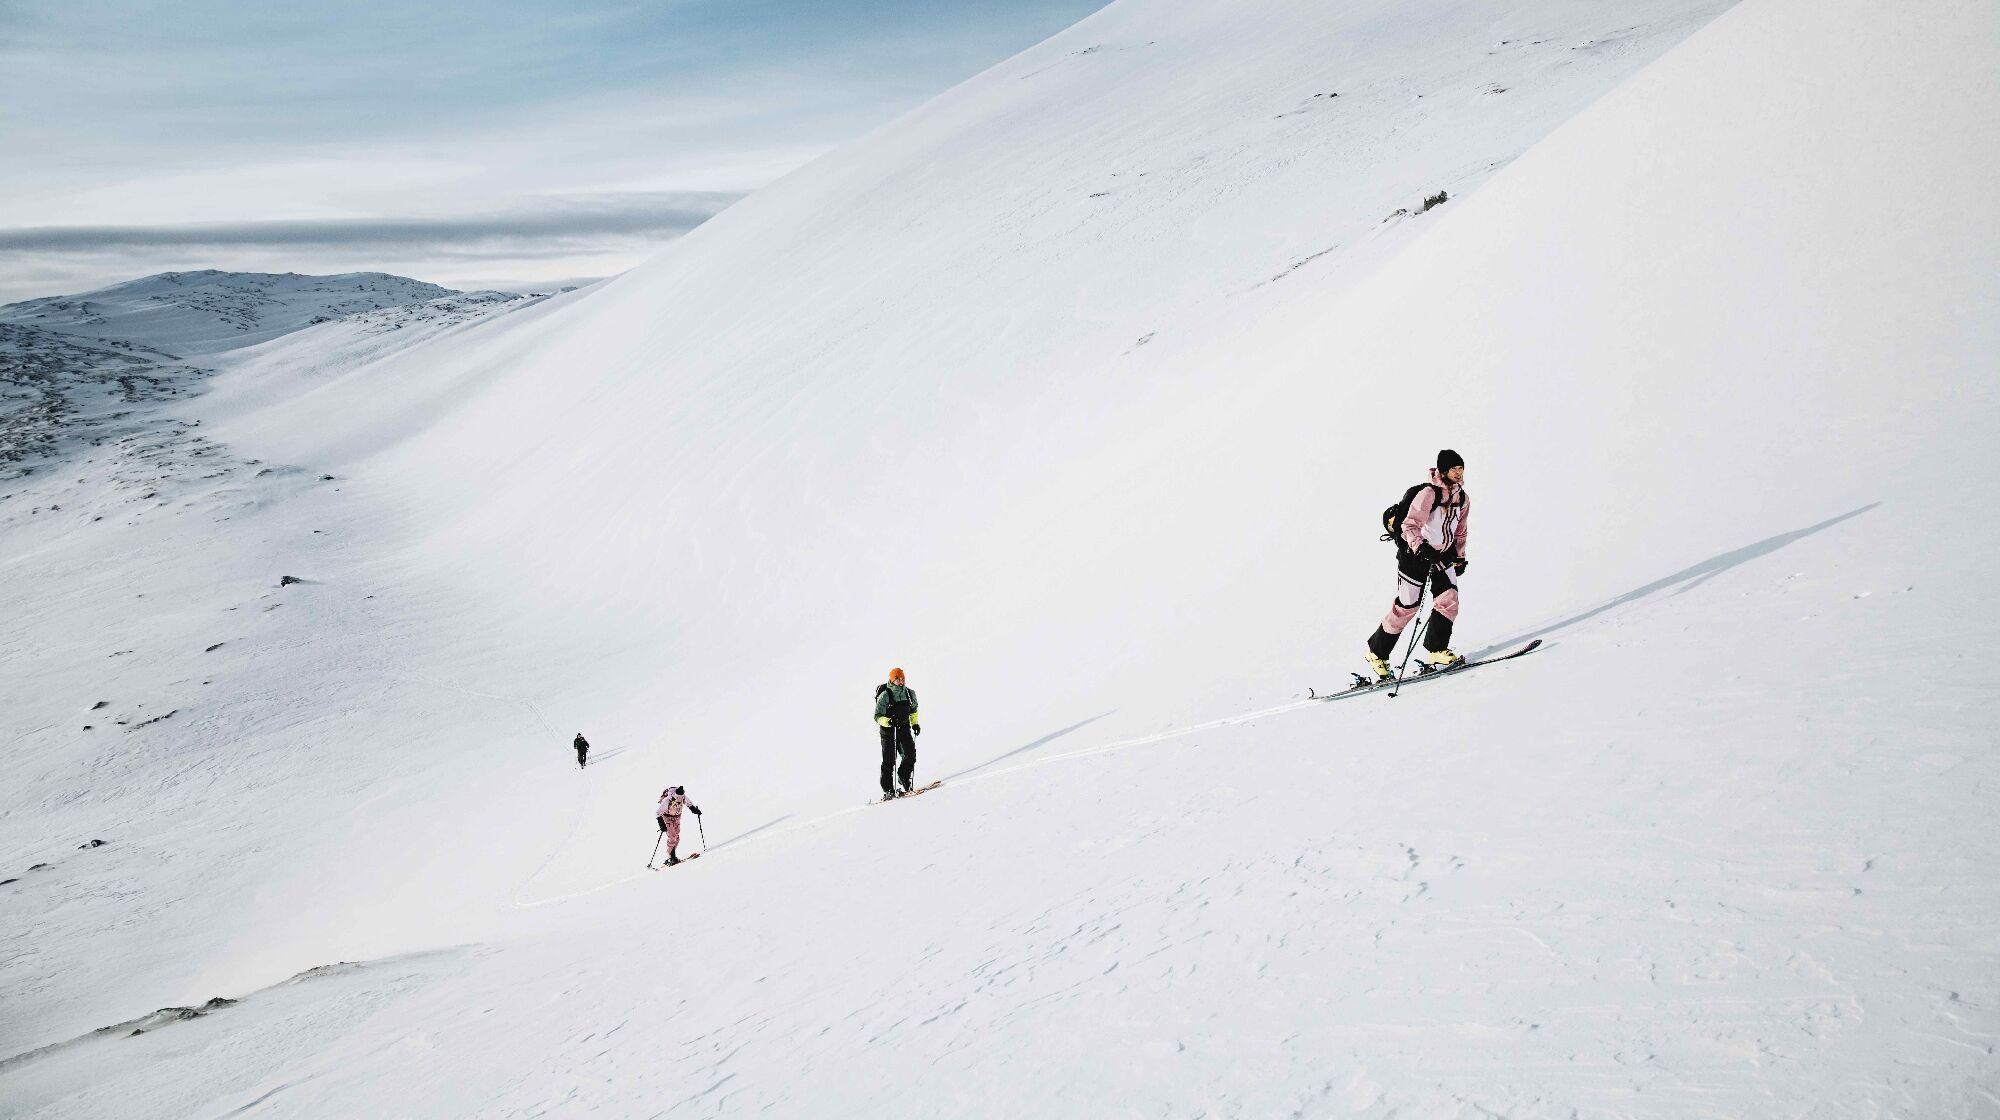 Skitourengeher Peak Performance